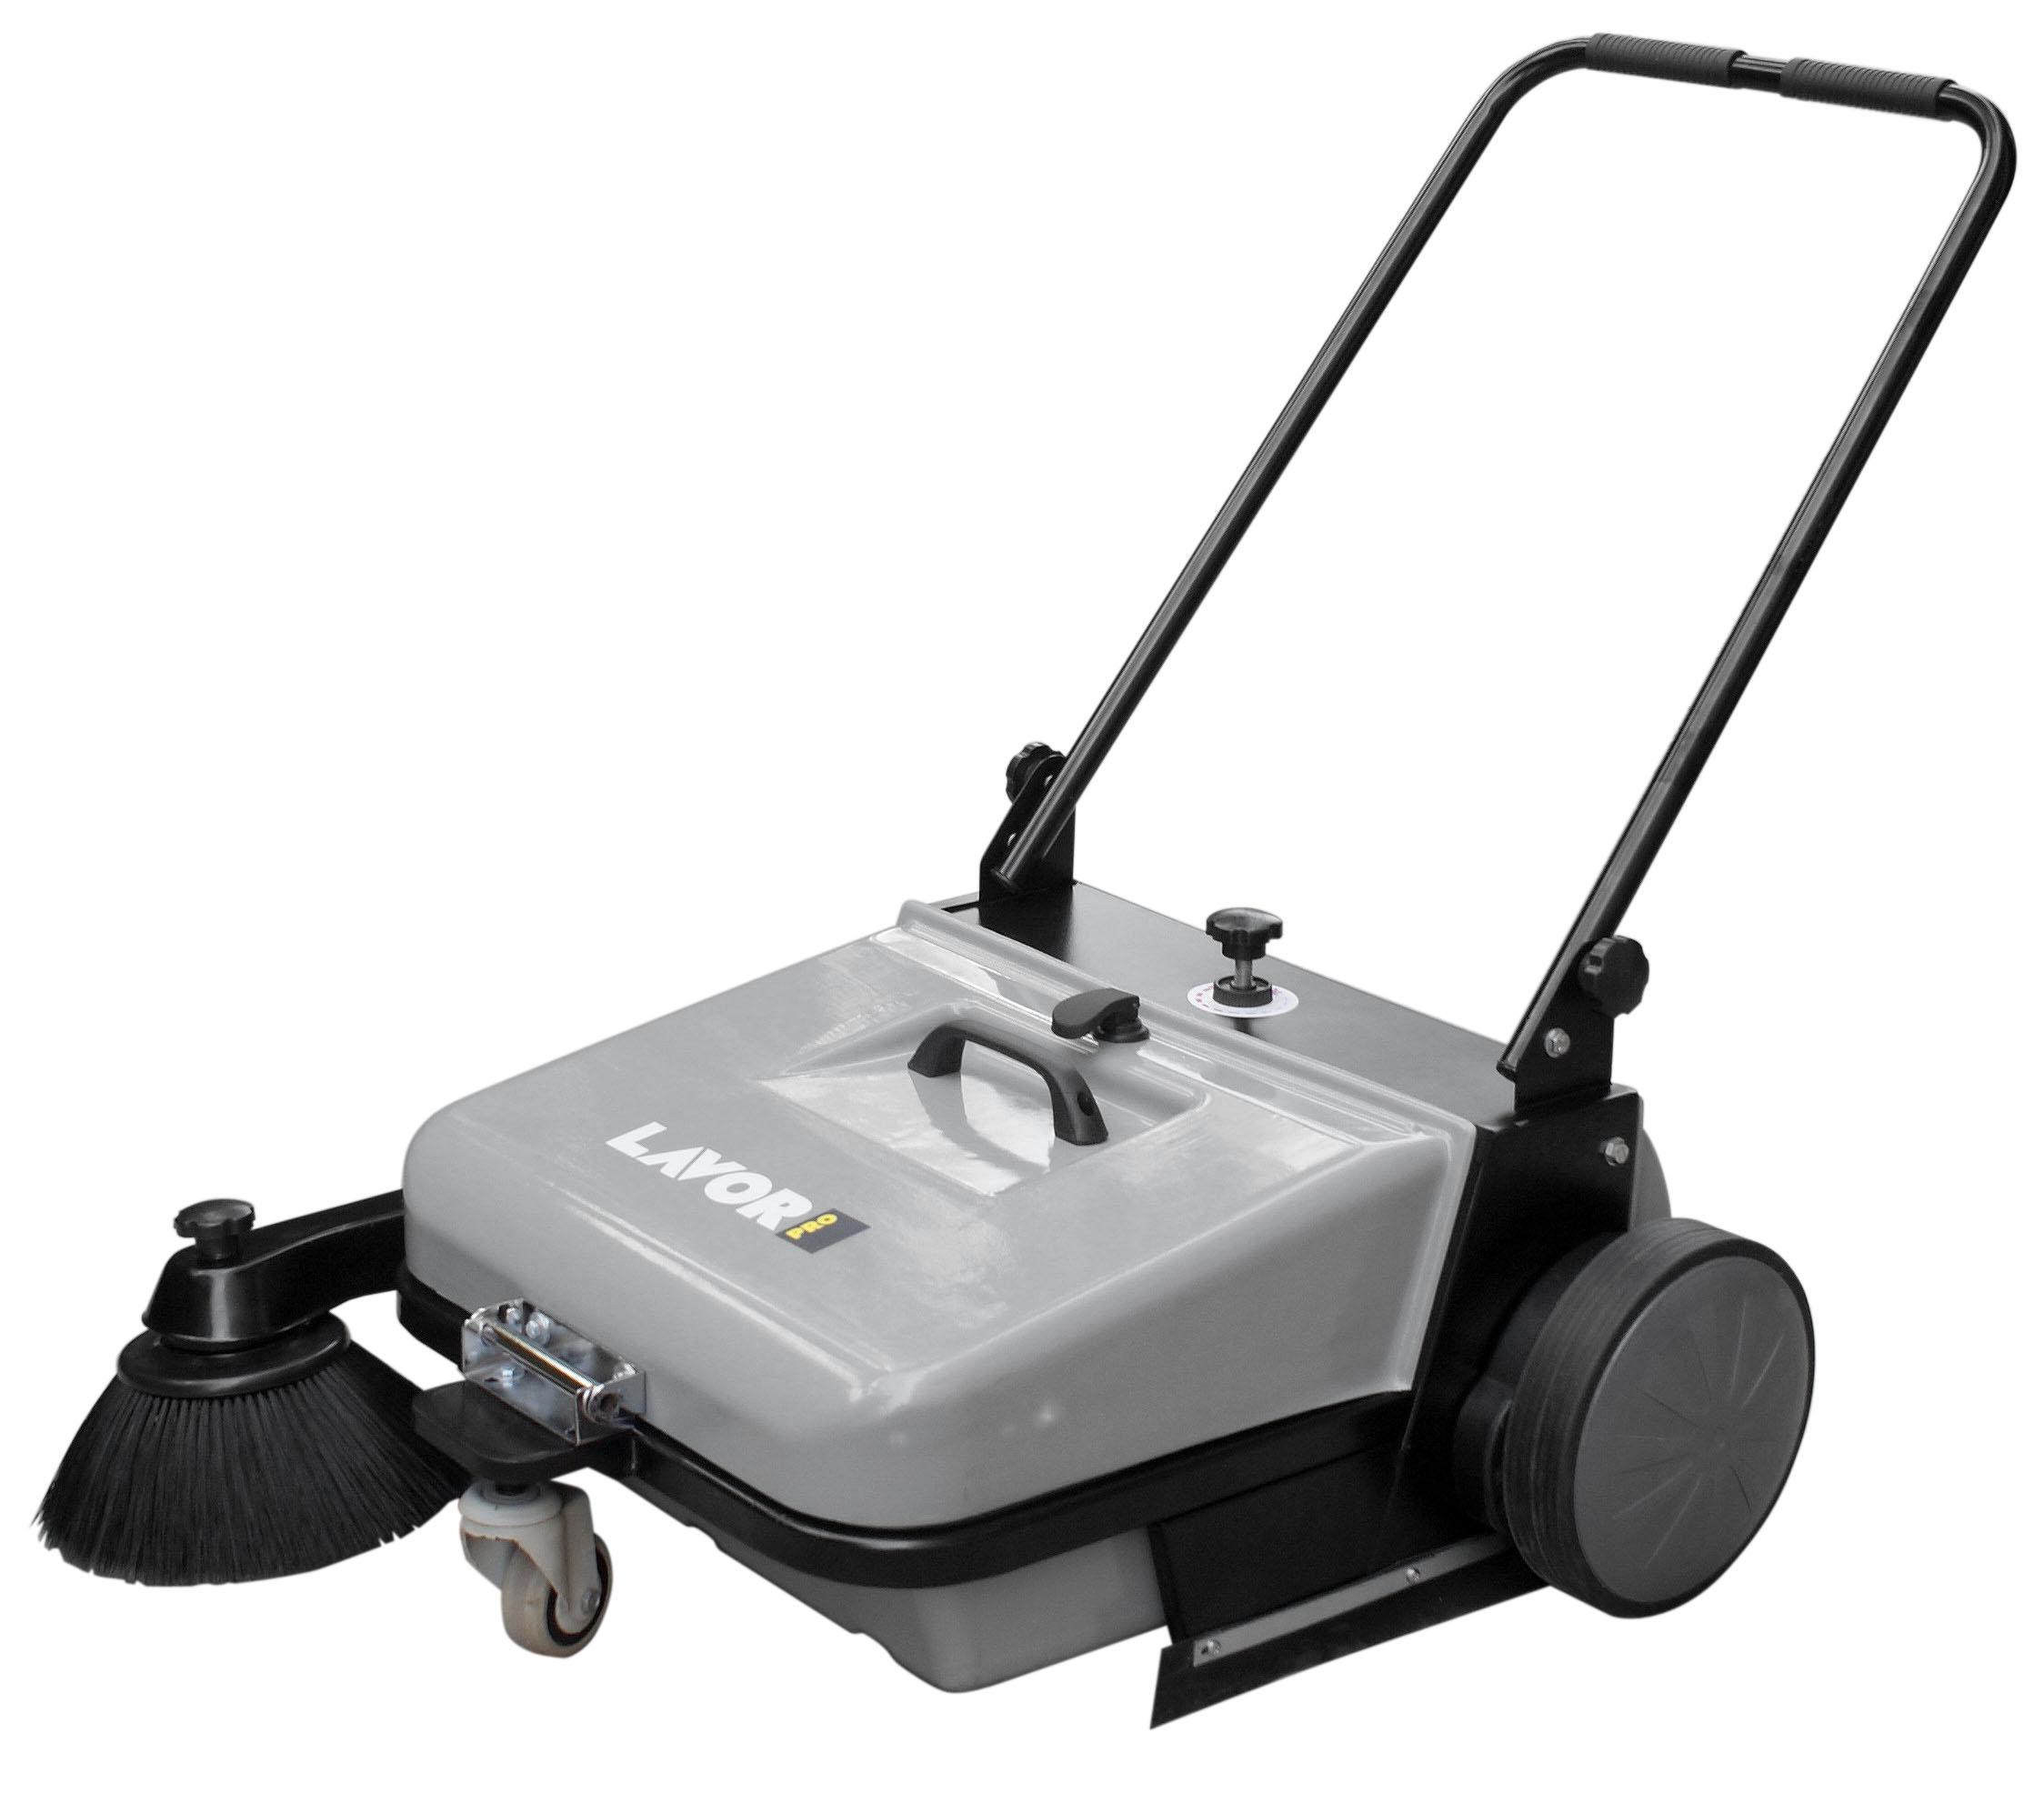 LAVOR-PRO Kehrmaschine Handkehrmaschine Kehrbesen Besen BSW 651 M